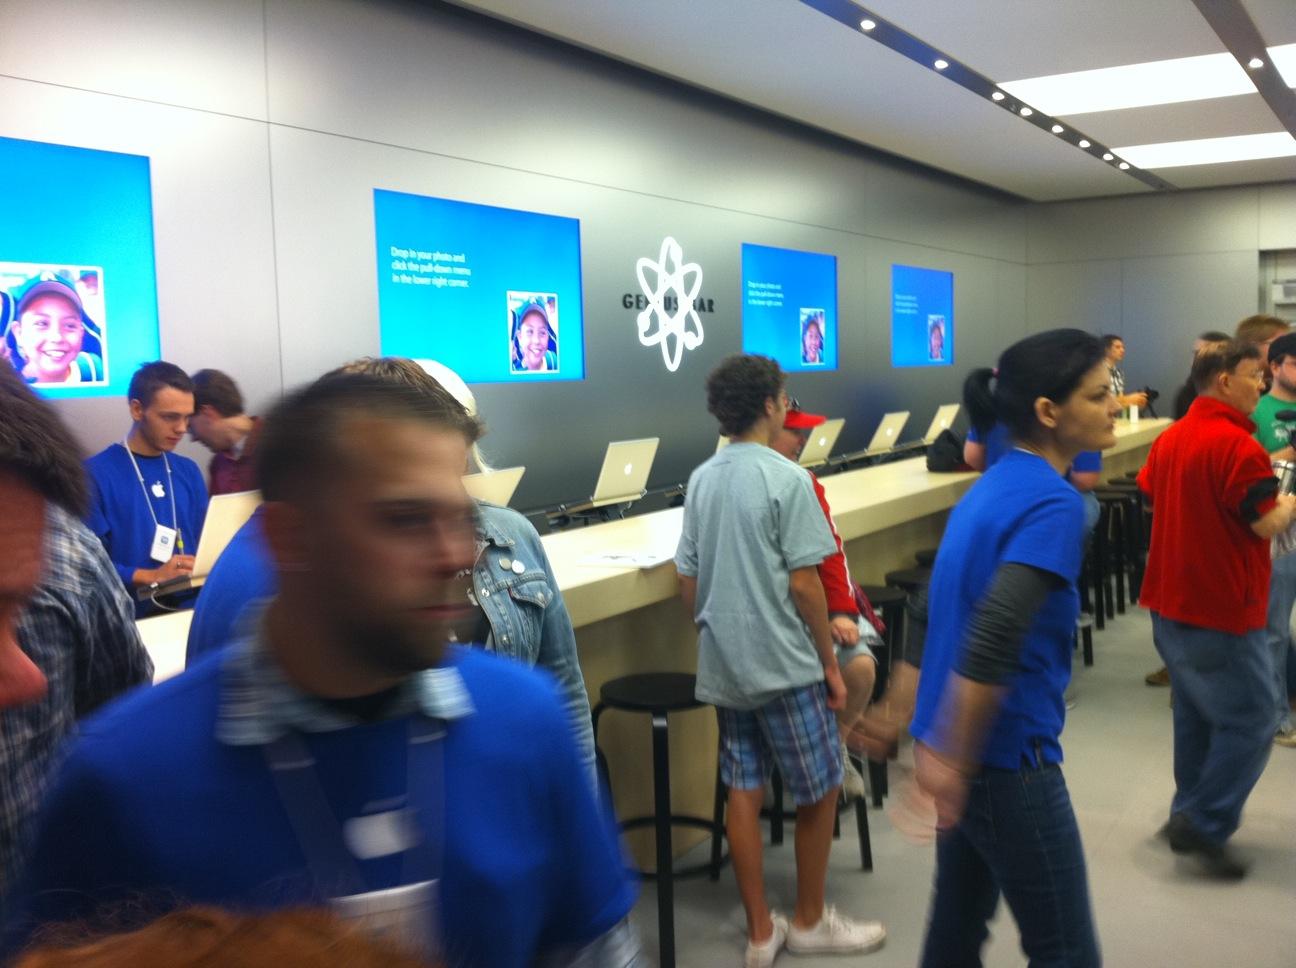 Genius Bar in New Apple Store - Galleria St. Louis